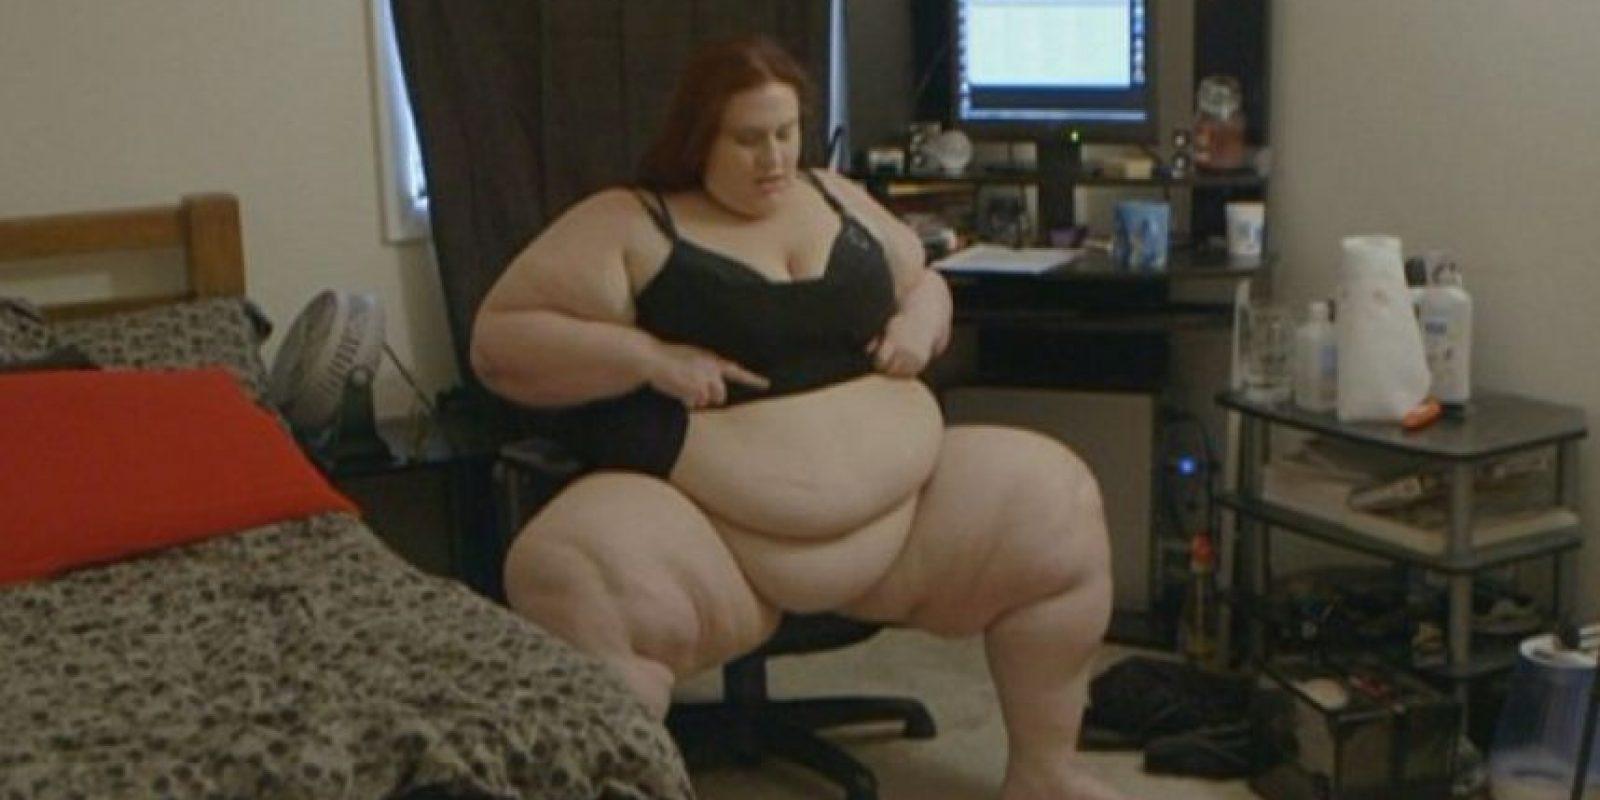 Mujeres Gordas Bbw 5 obesas mórbidas que ganan una fortuna por comer y engordar